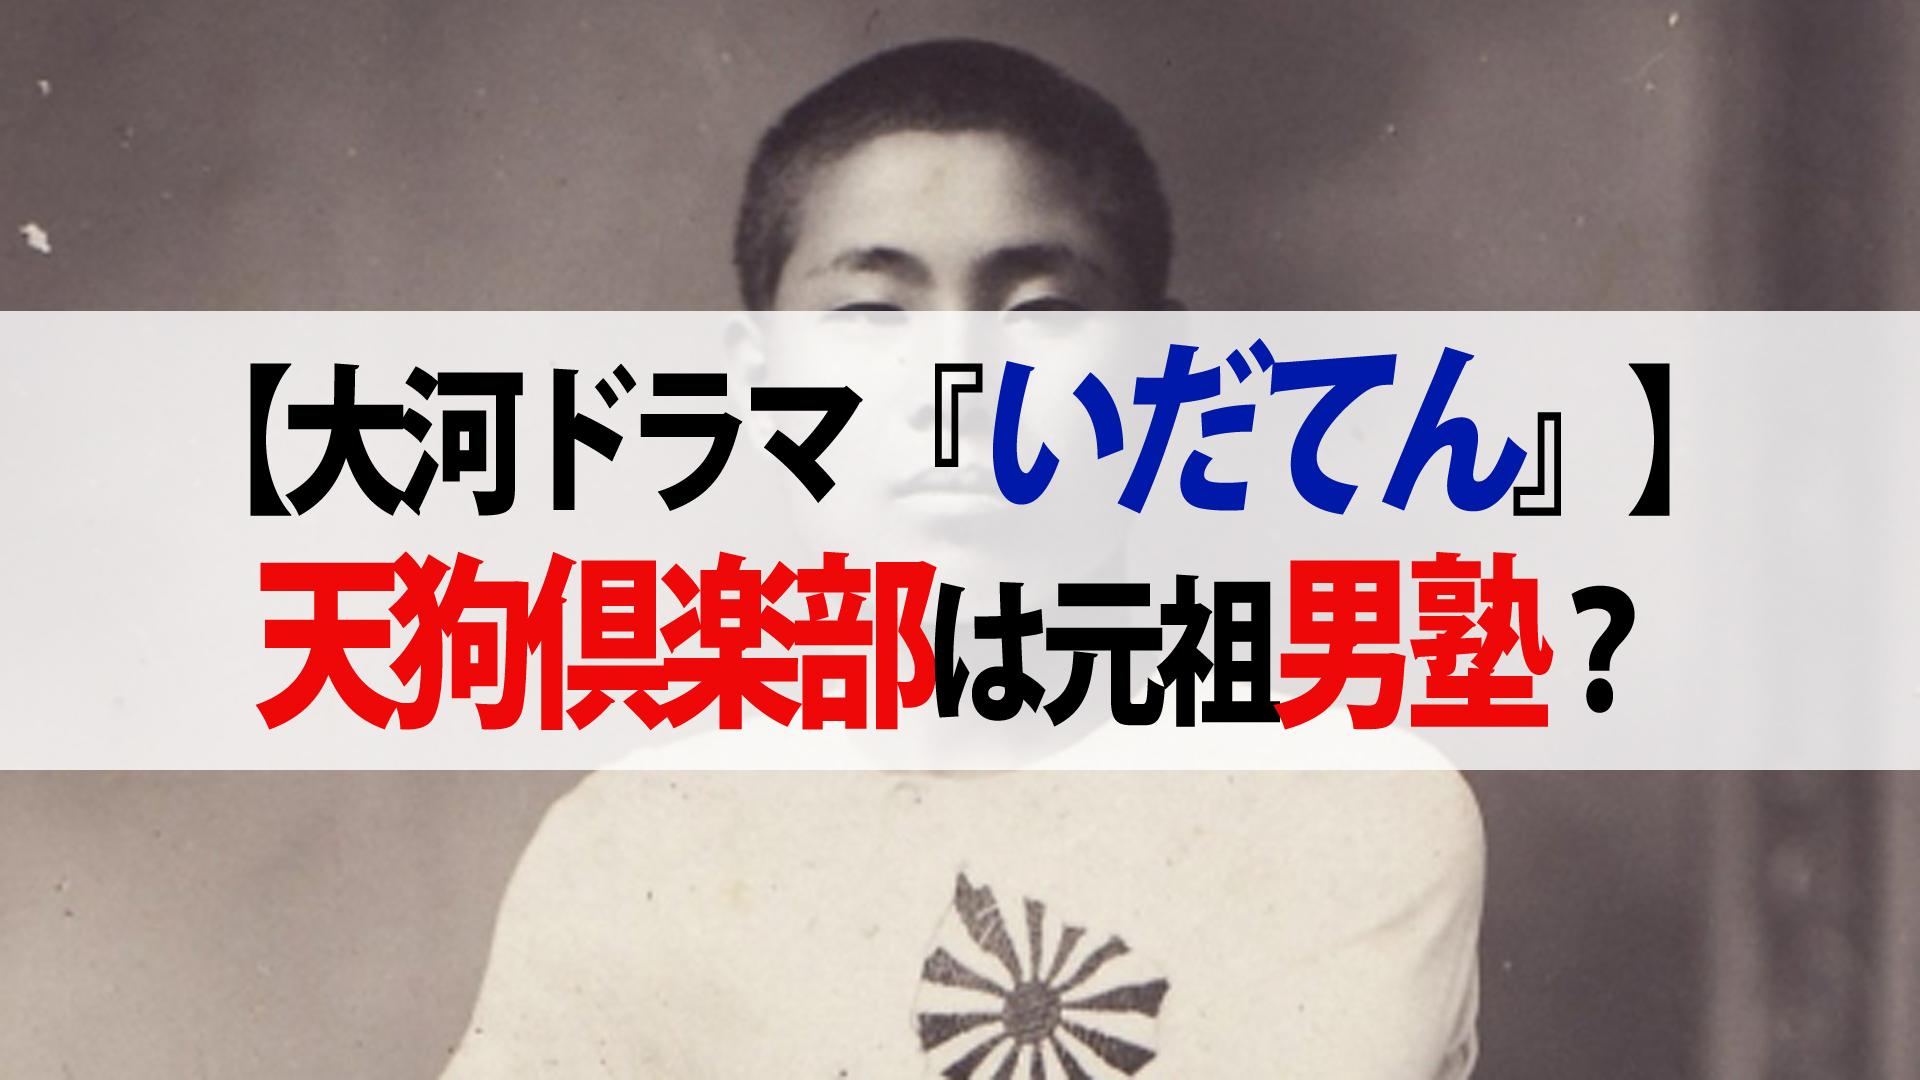 大河ドラマ『いだてん』第3回『冒険世界』